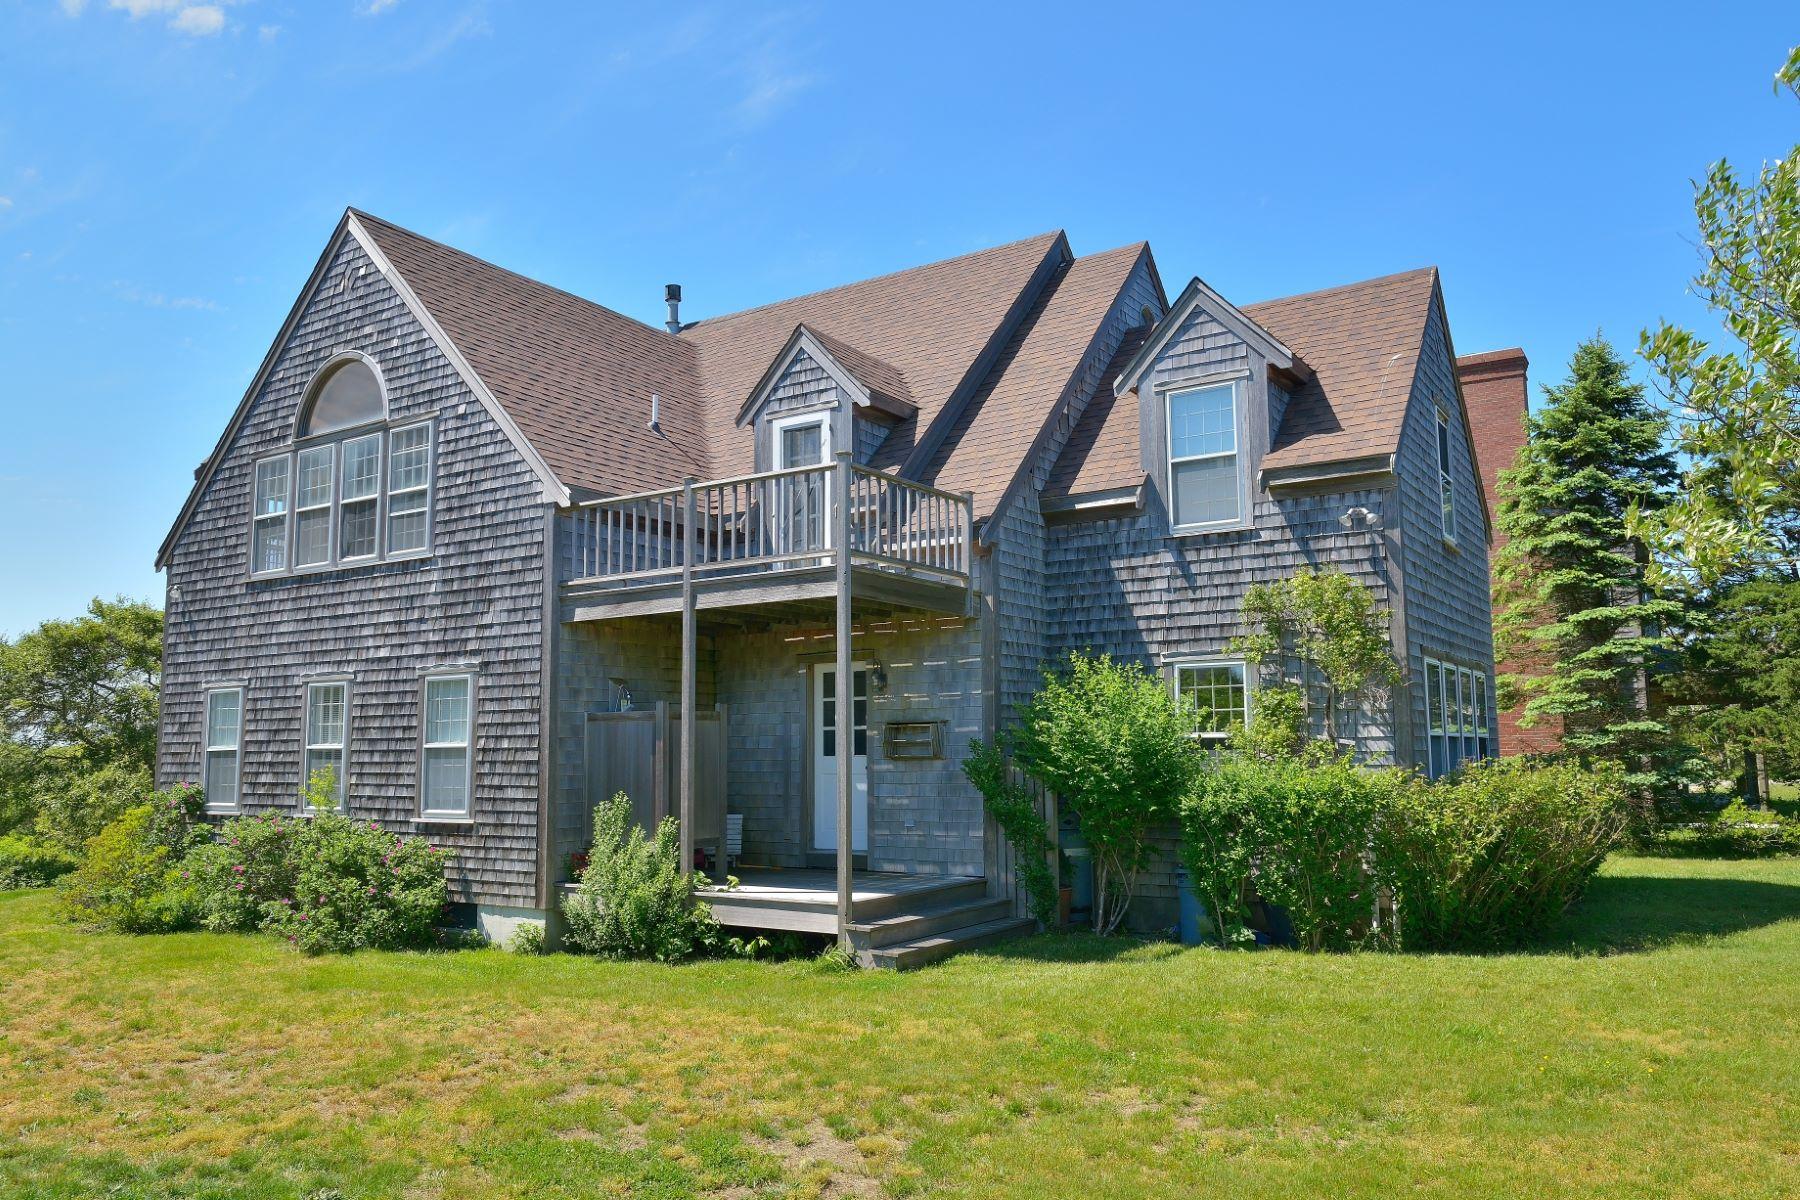 Частный односемейный дом для того Продажа на Secluded and Overlooking the Moors 52 Sankaty Road Siasconset, Массачусетс, 02564 Соединенные Штаты